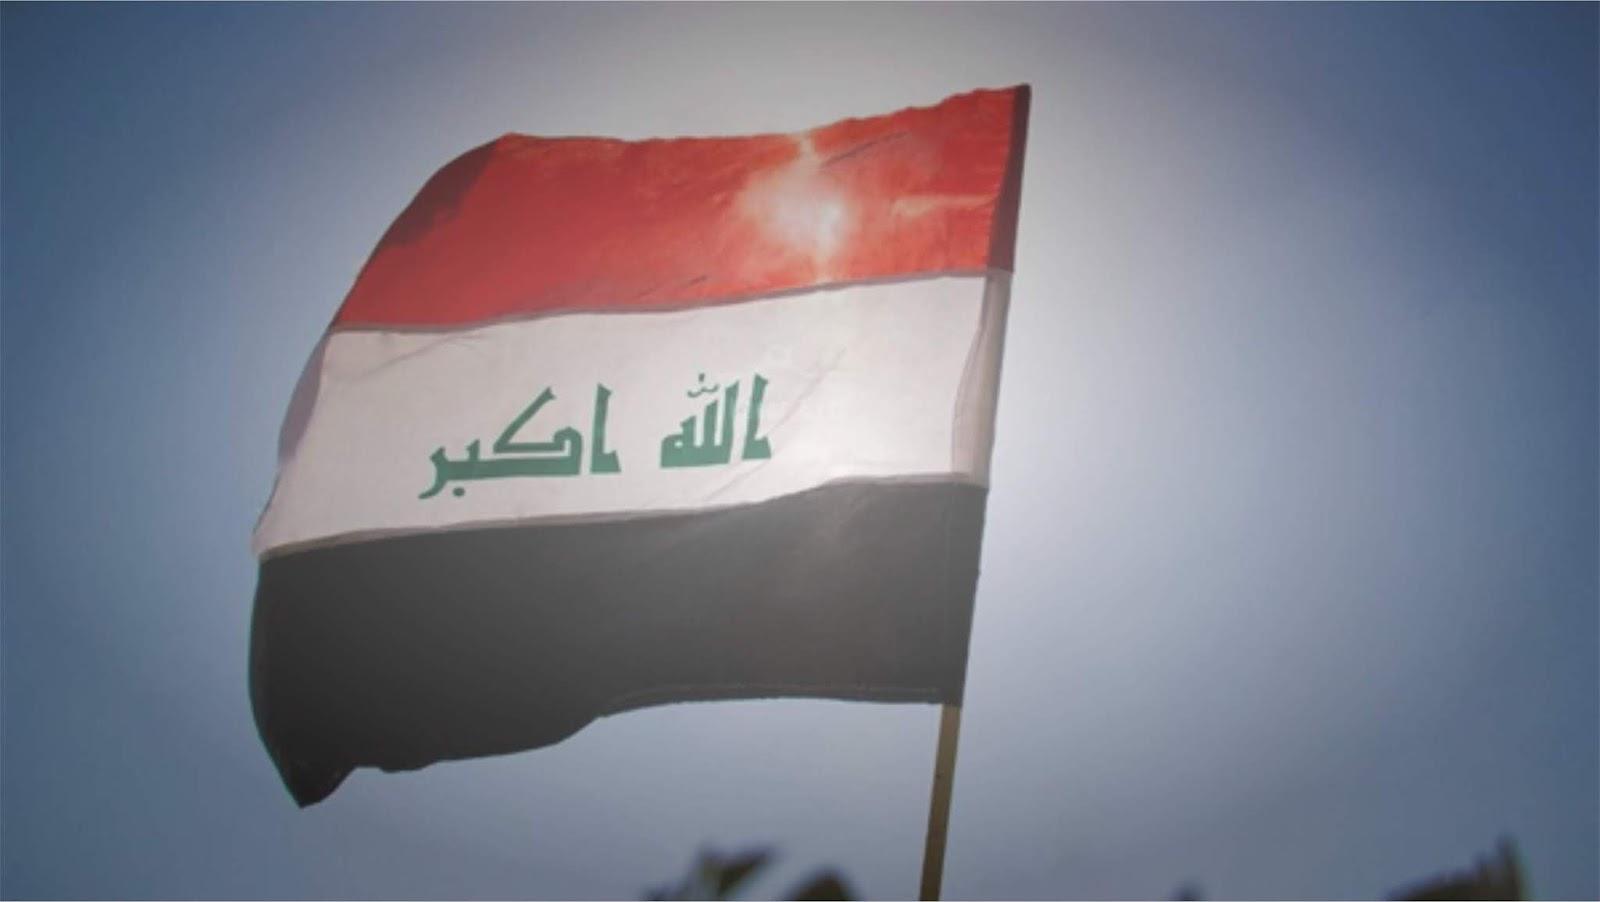 PM Irak mengatakan tidak ada pangkalan asing yang akan diterima di tanah Irak